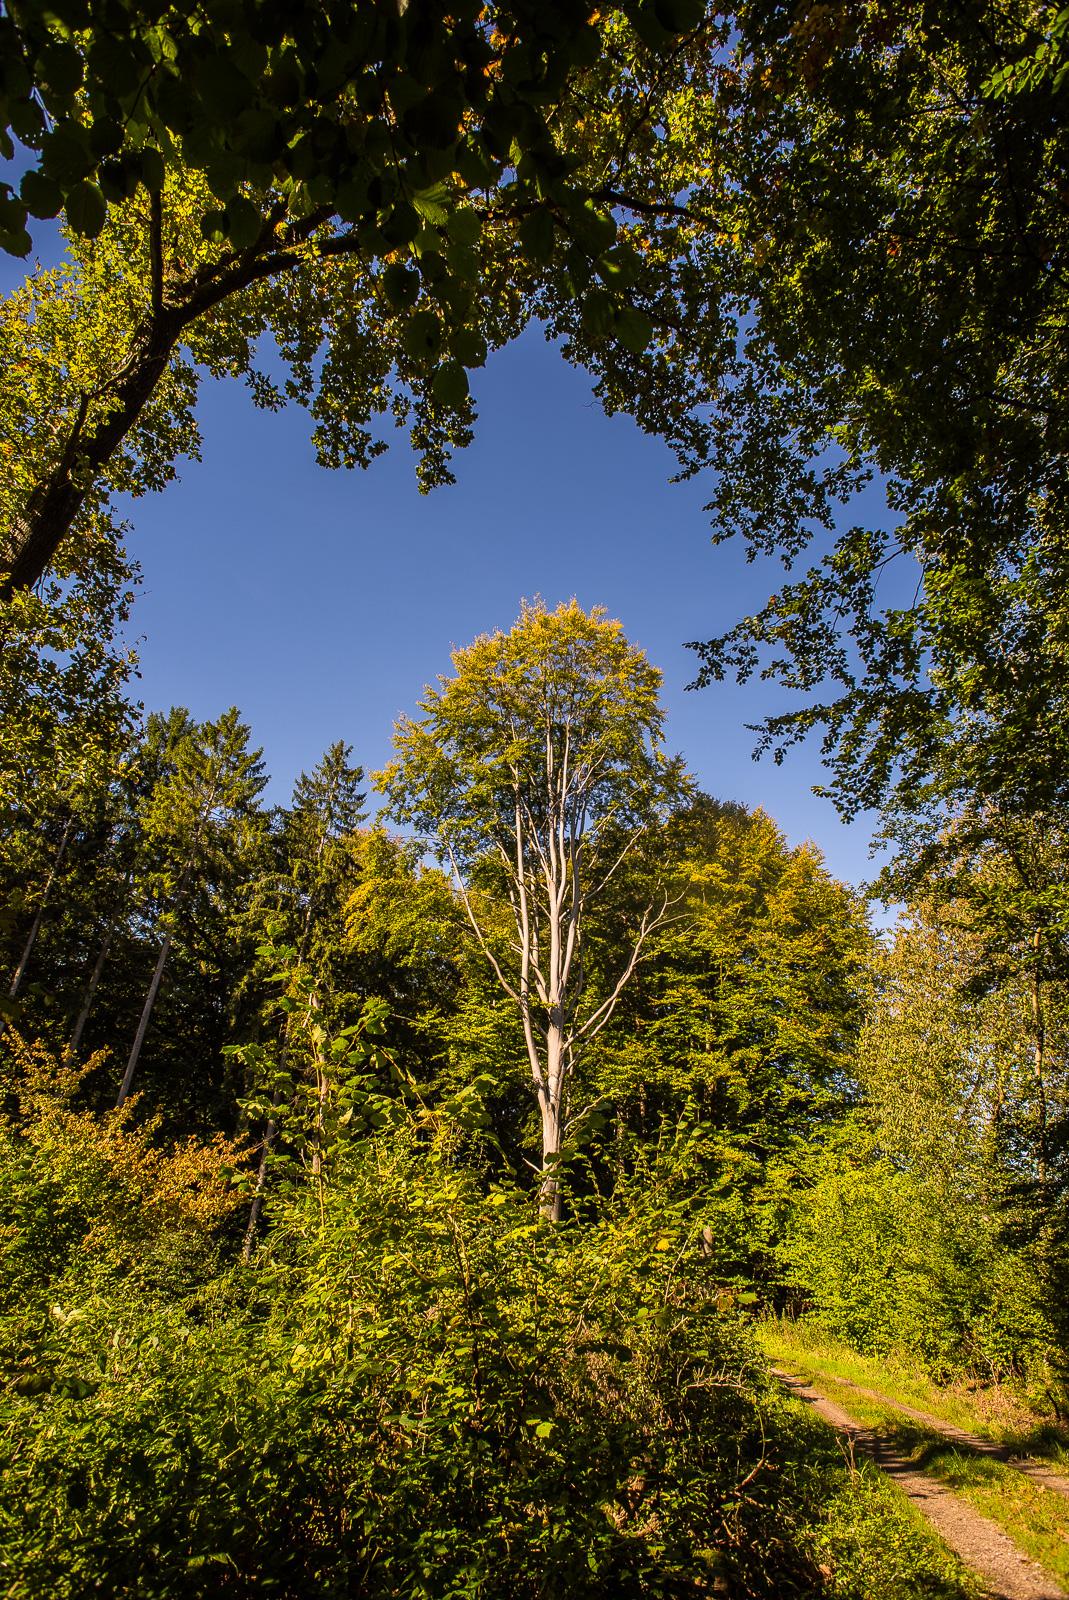 prägnanter einzelner Baum am Waldrand vor blauem Himmel